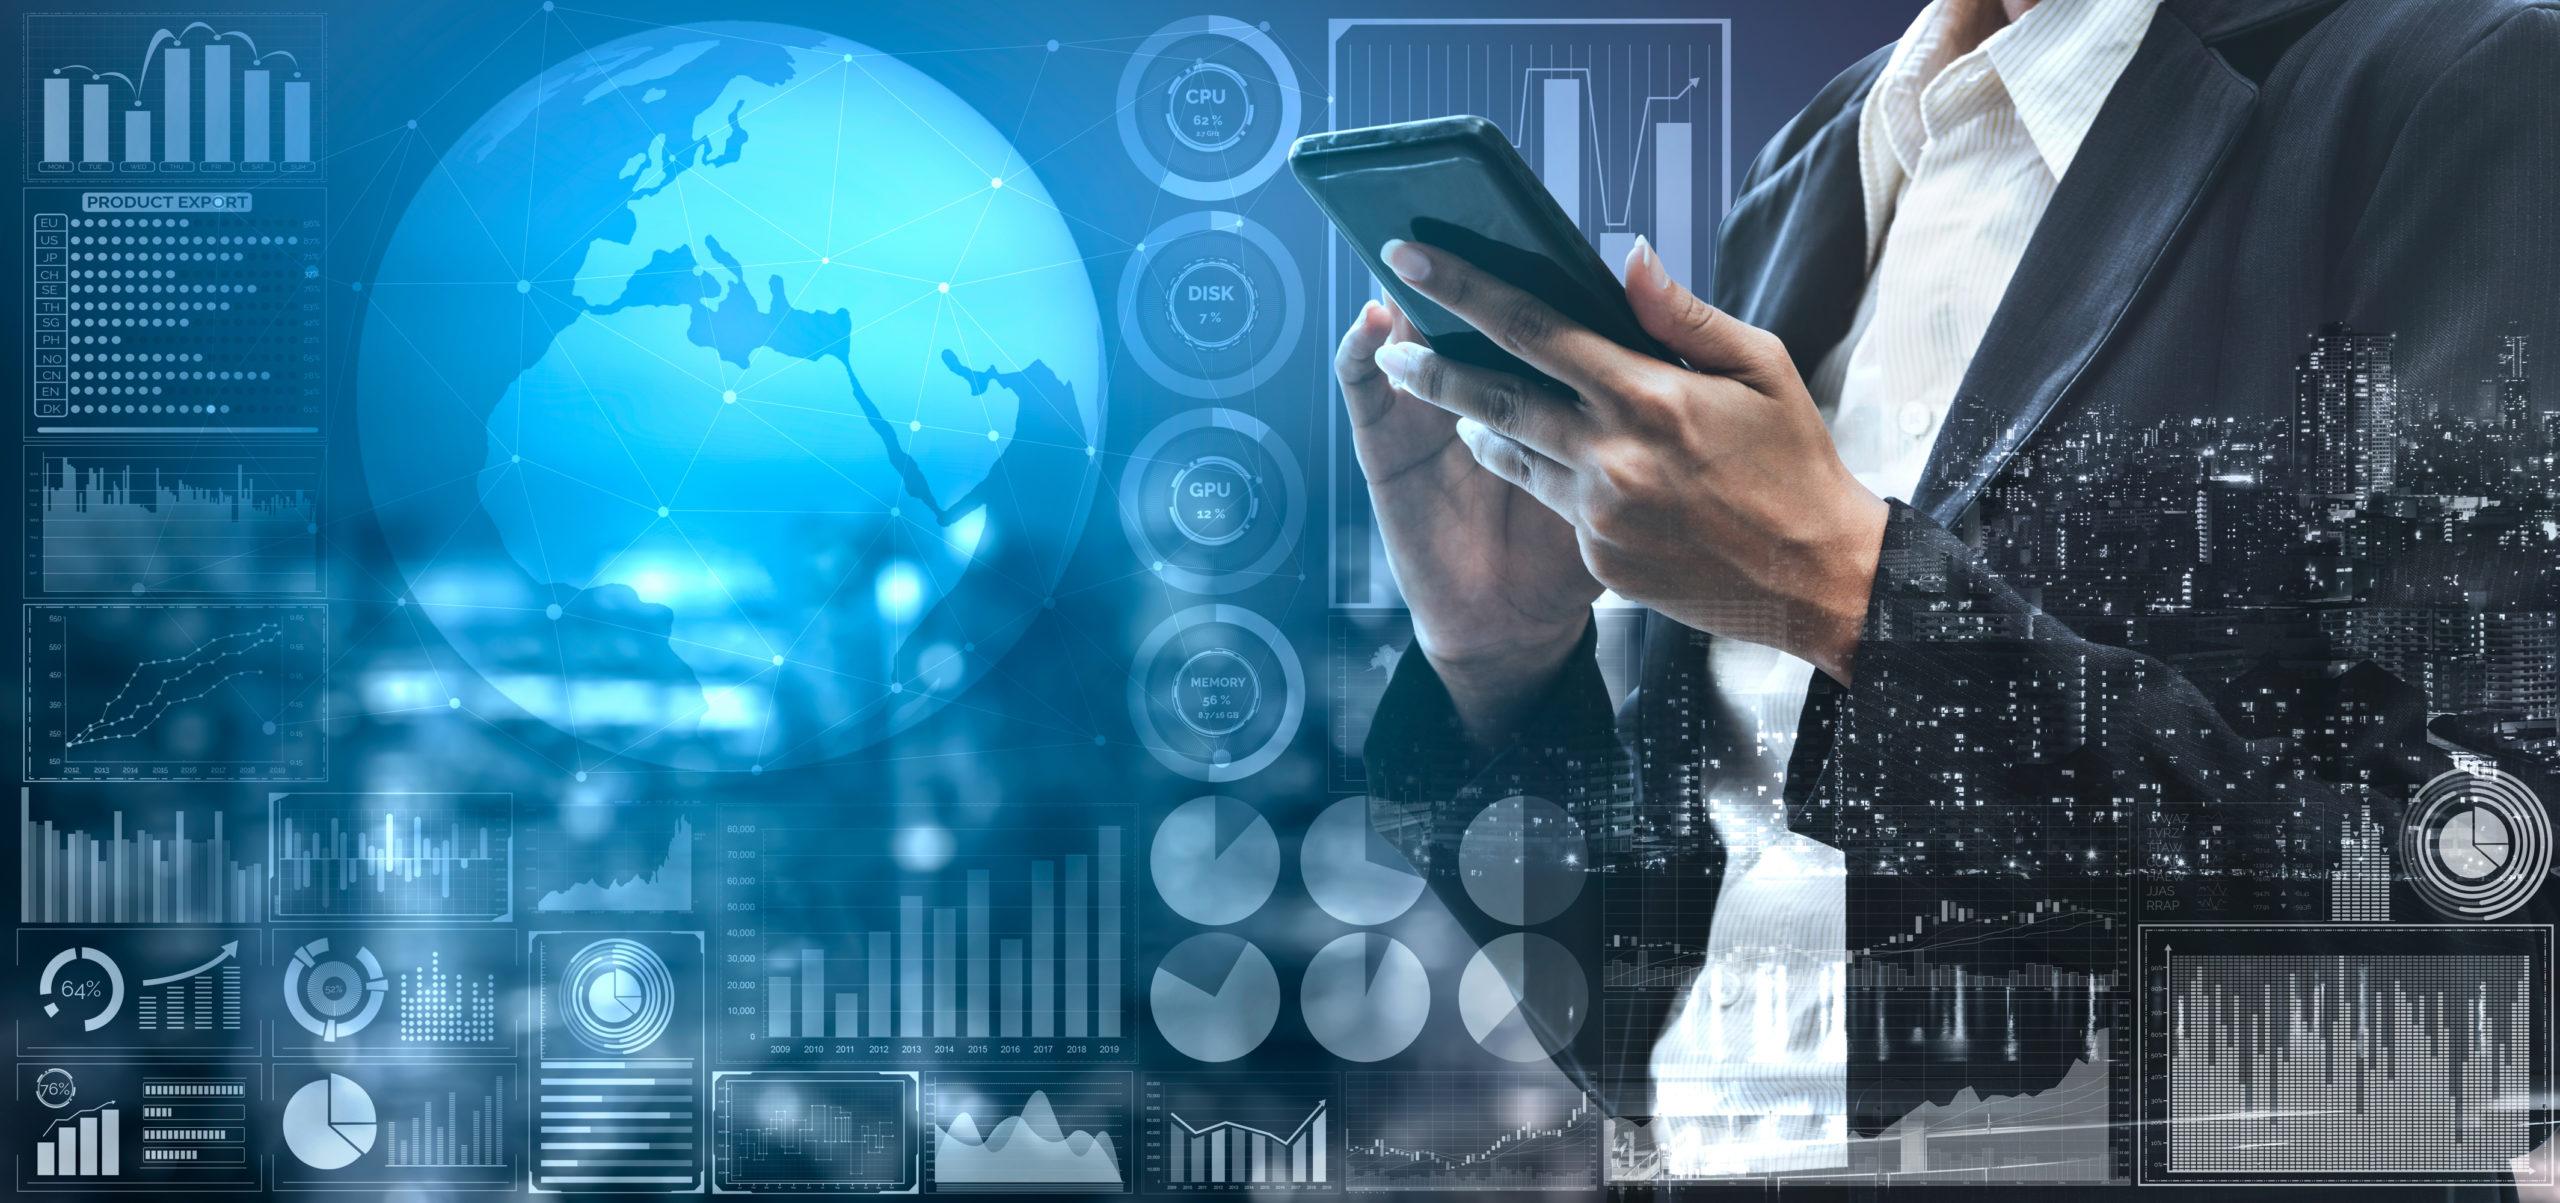 Workforce Management Solution Data